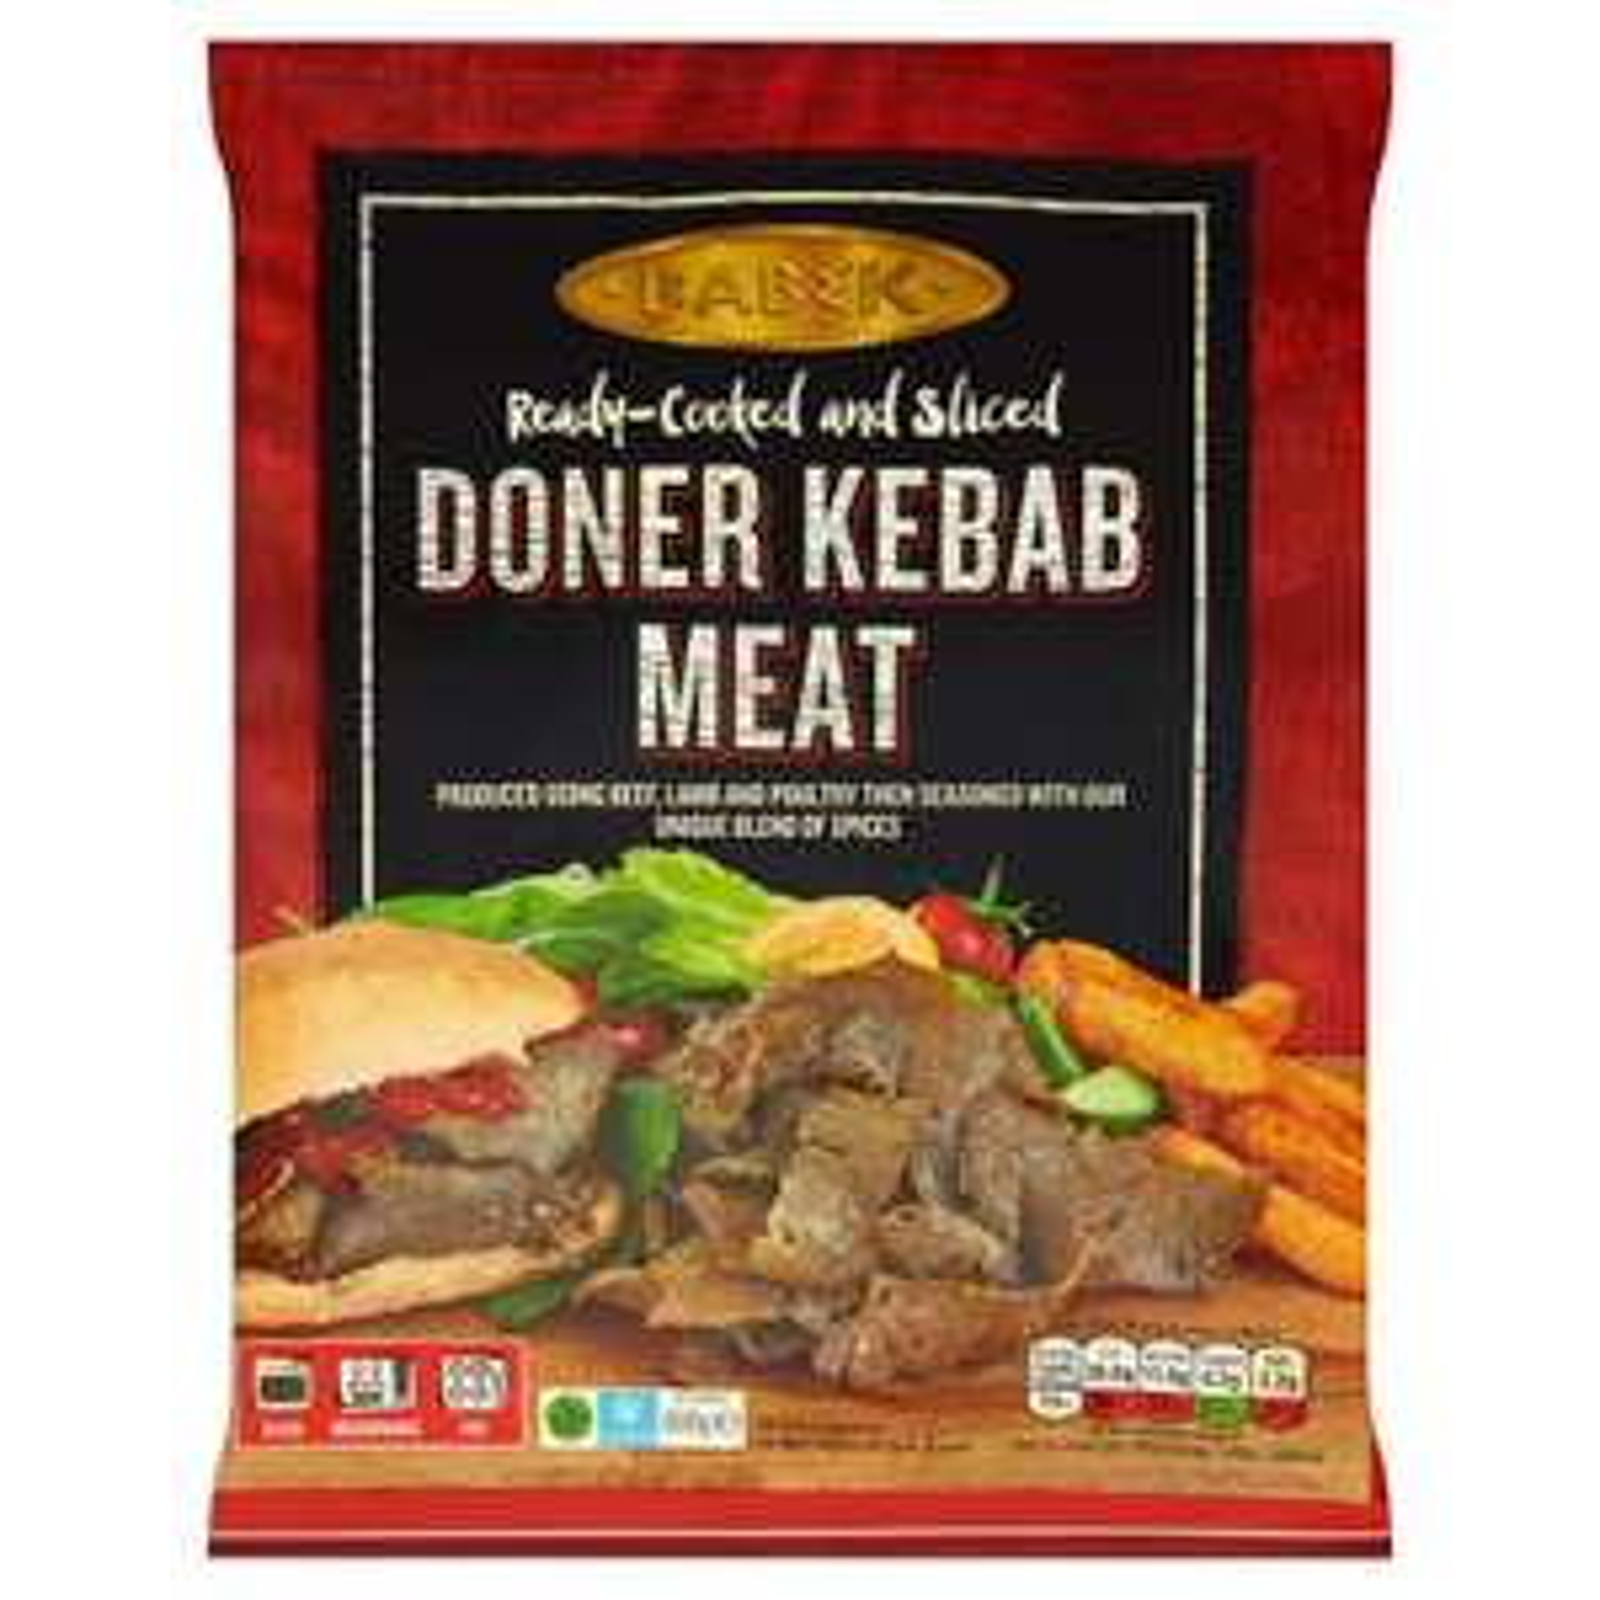 Babek Doner Kebab Meat 600g £1 at Heron Foods Warrington